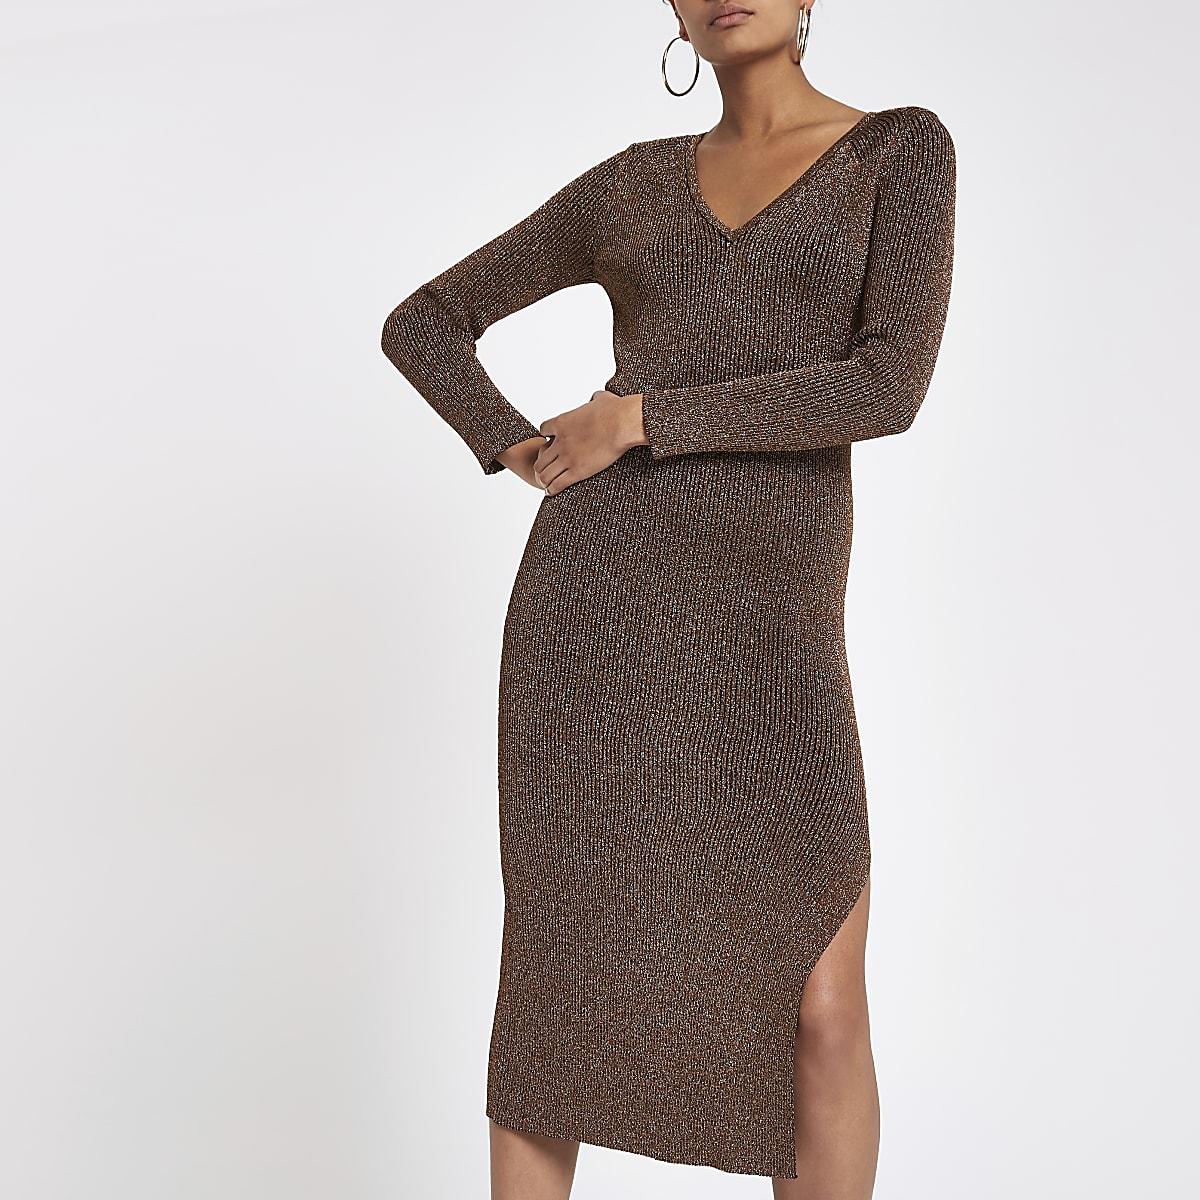 7ba2ff62957 Bronze V neck knitted dress - Bodycon Dresses - Dresses - women